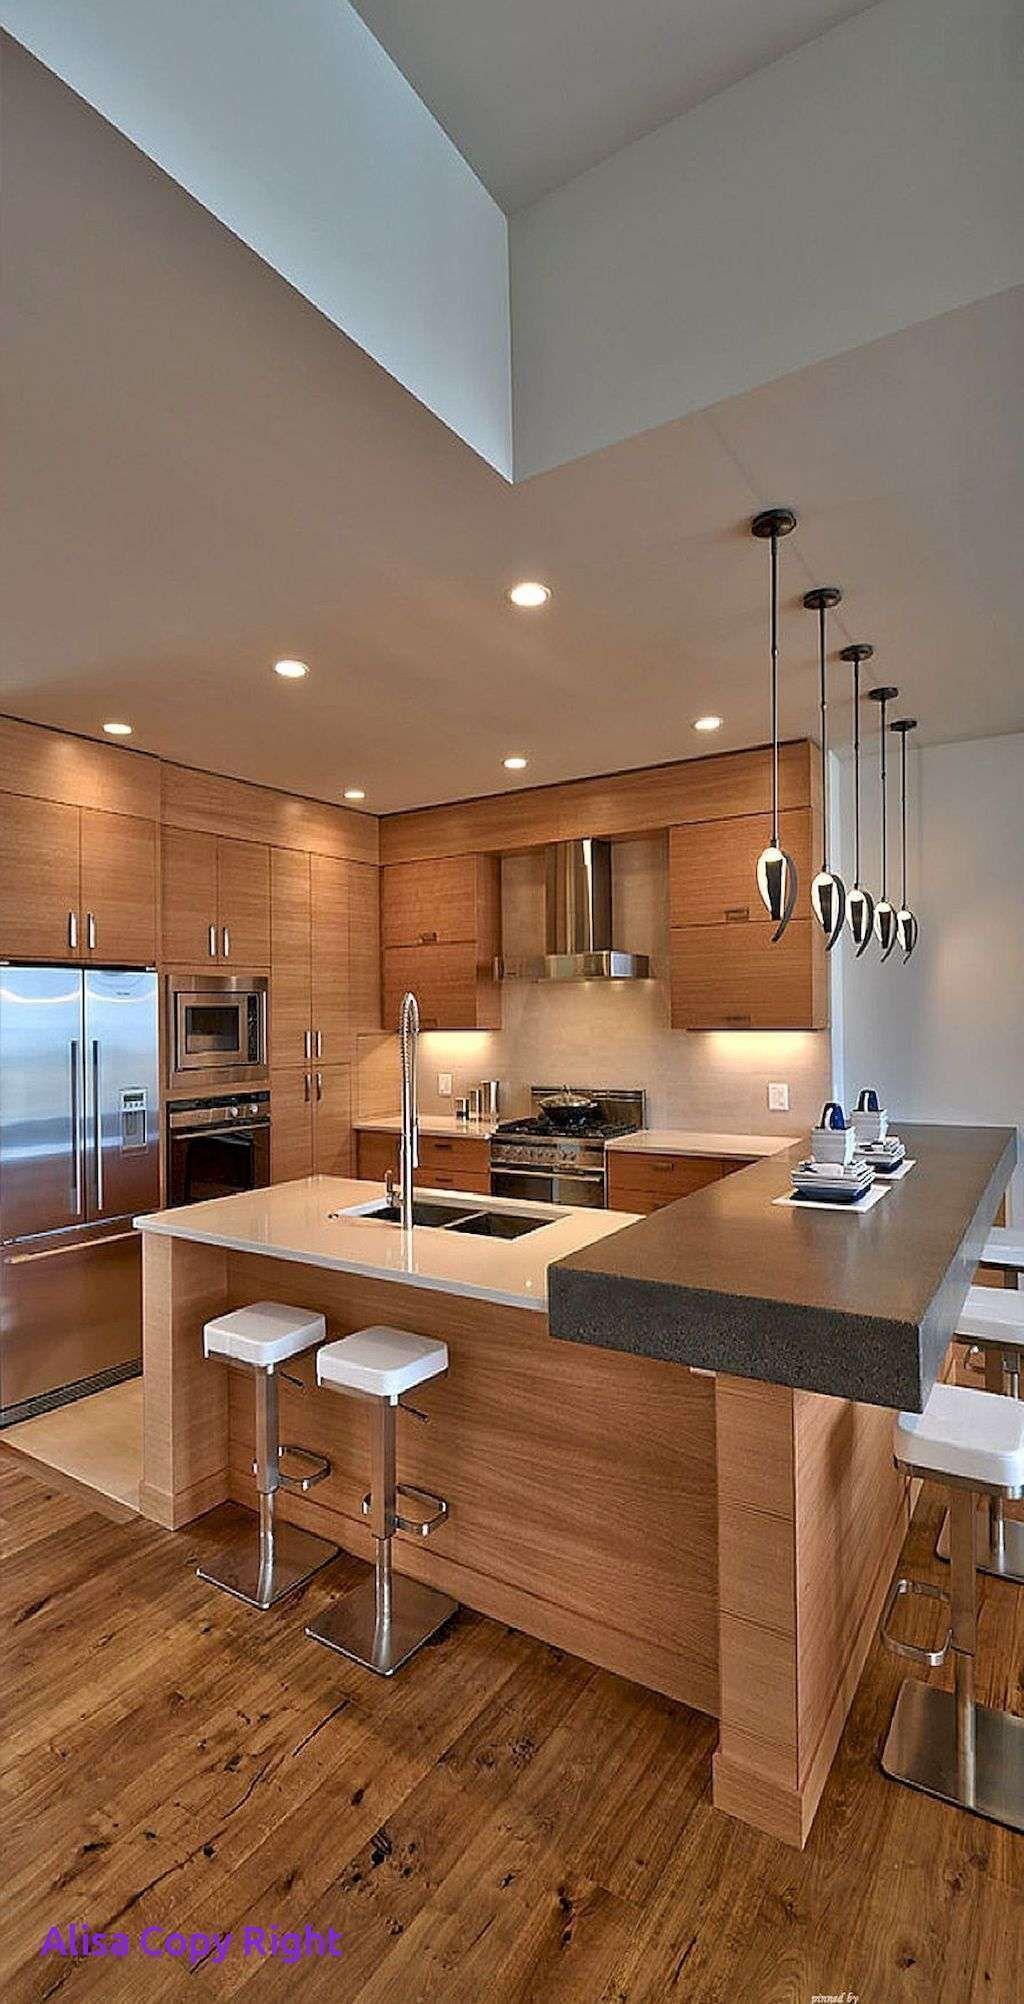 Eat In Kitchen Design Ideas Homedecoration Homedecorations Homedecorationideas Interior Design Kitchen Contemporary Kitchen Design Modern Kitchen Design